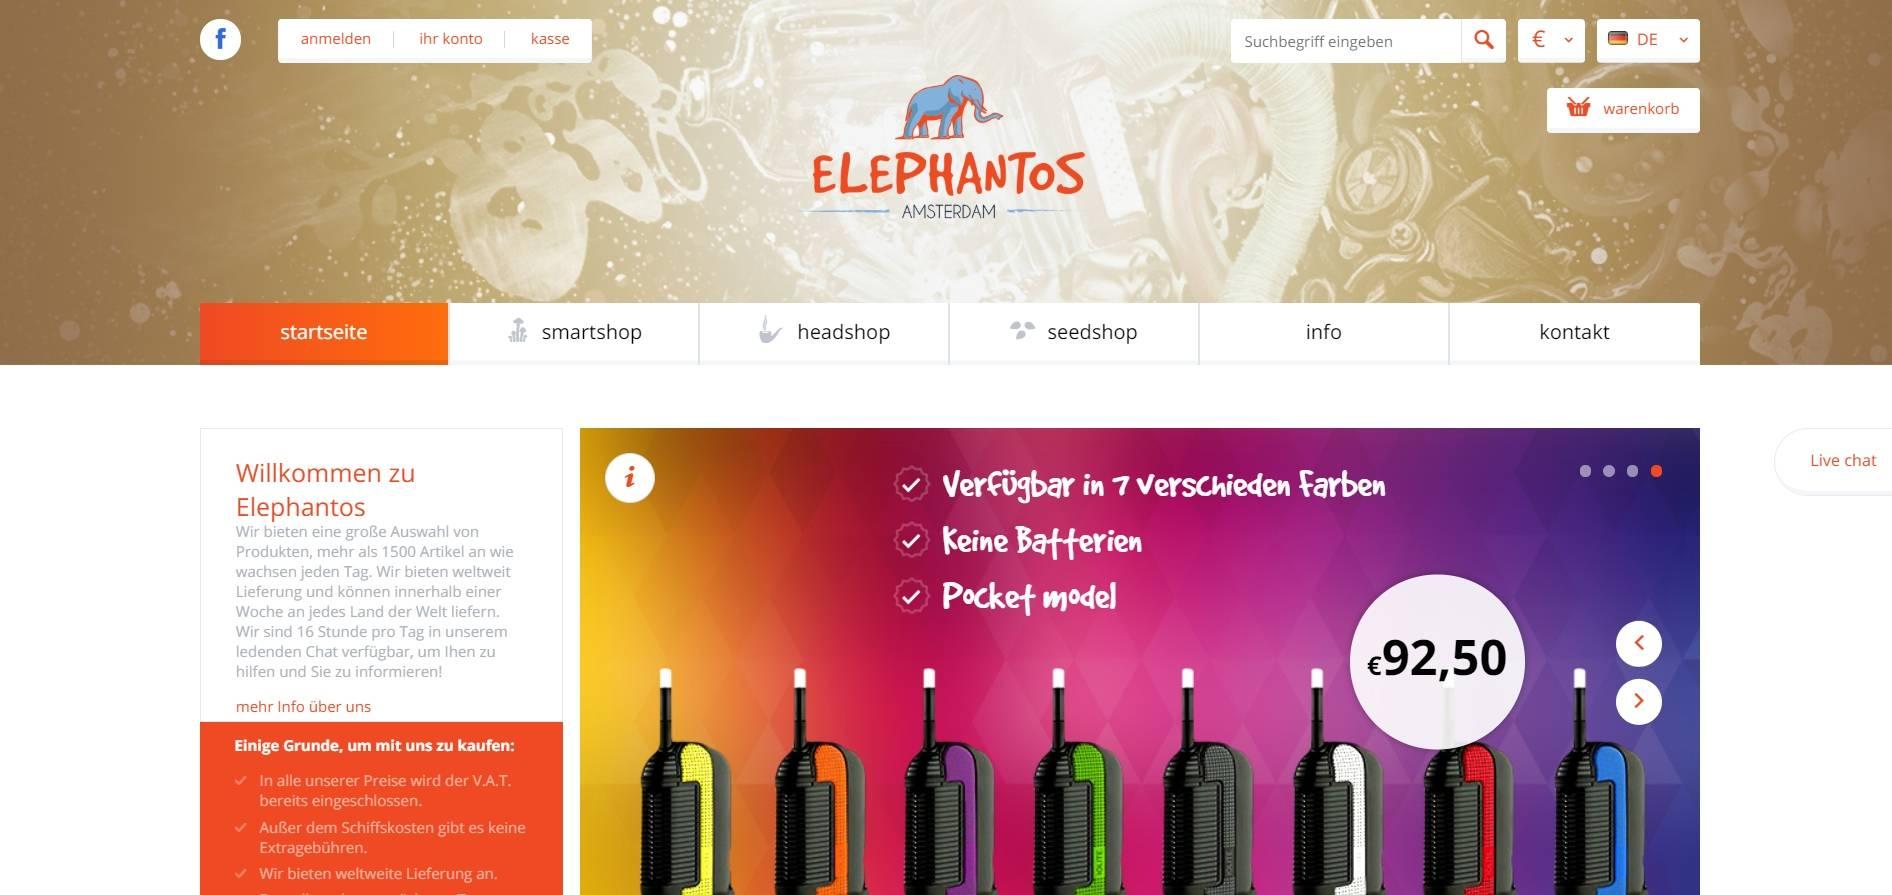 Elephantos